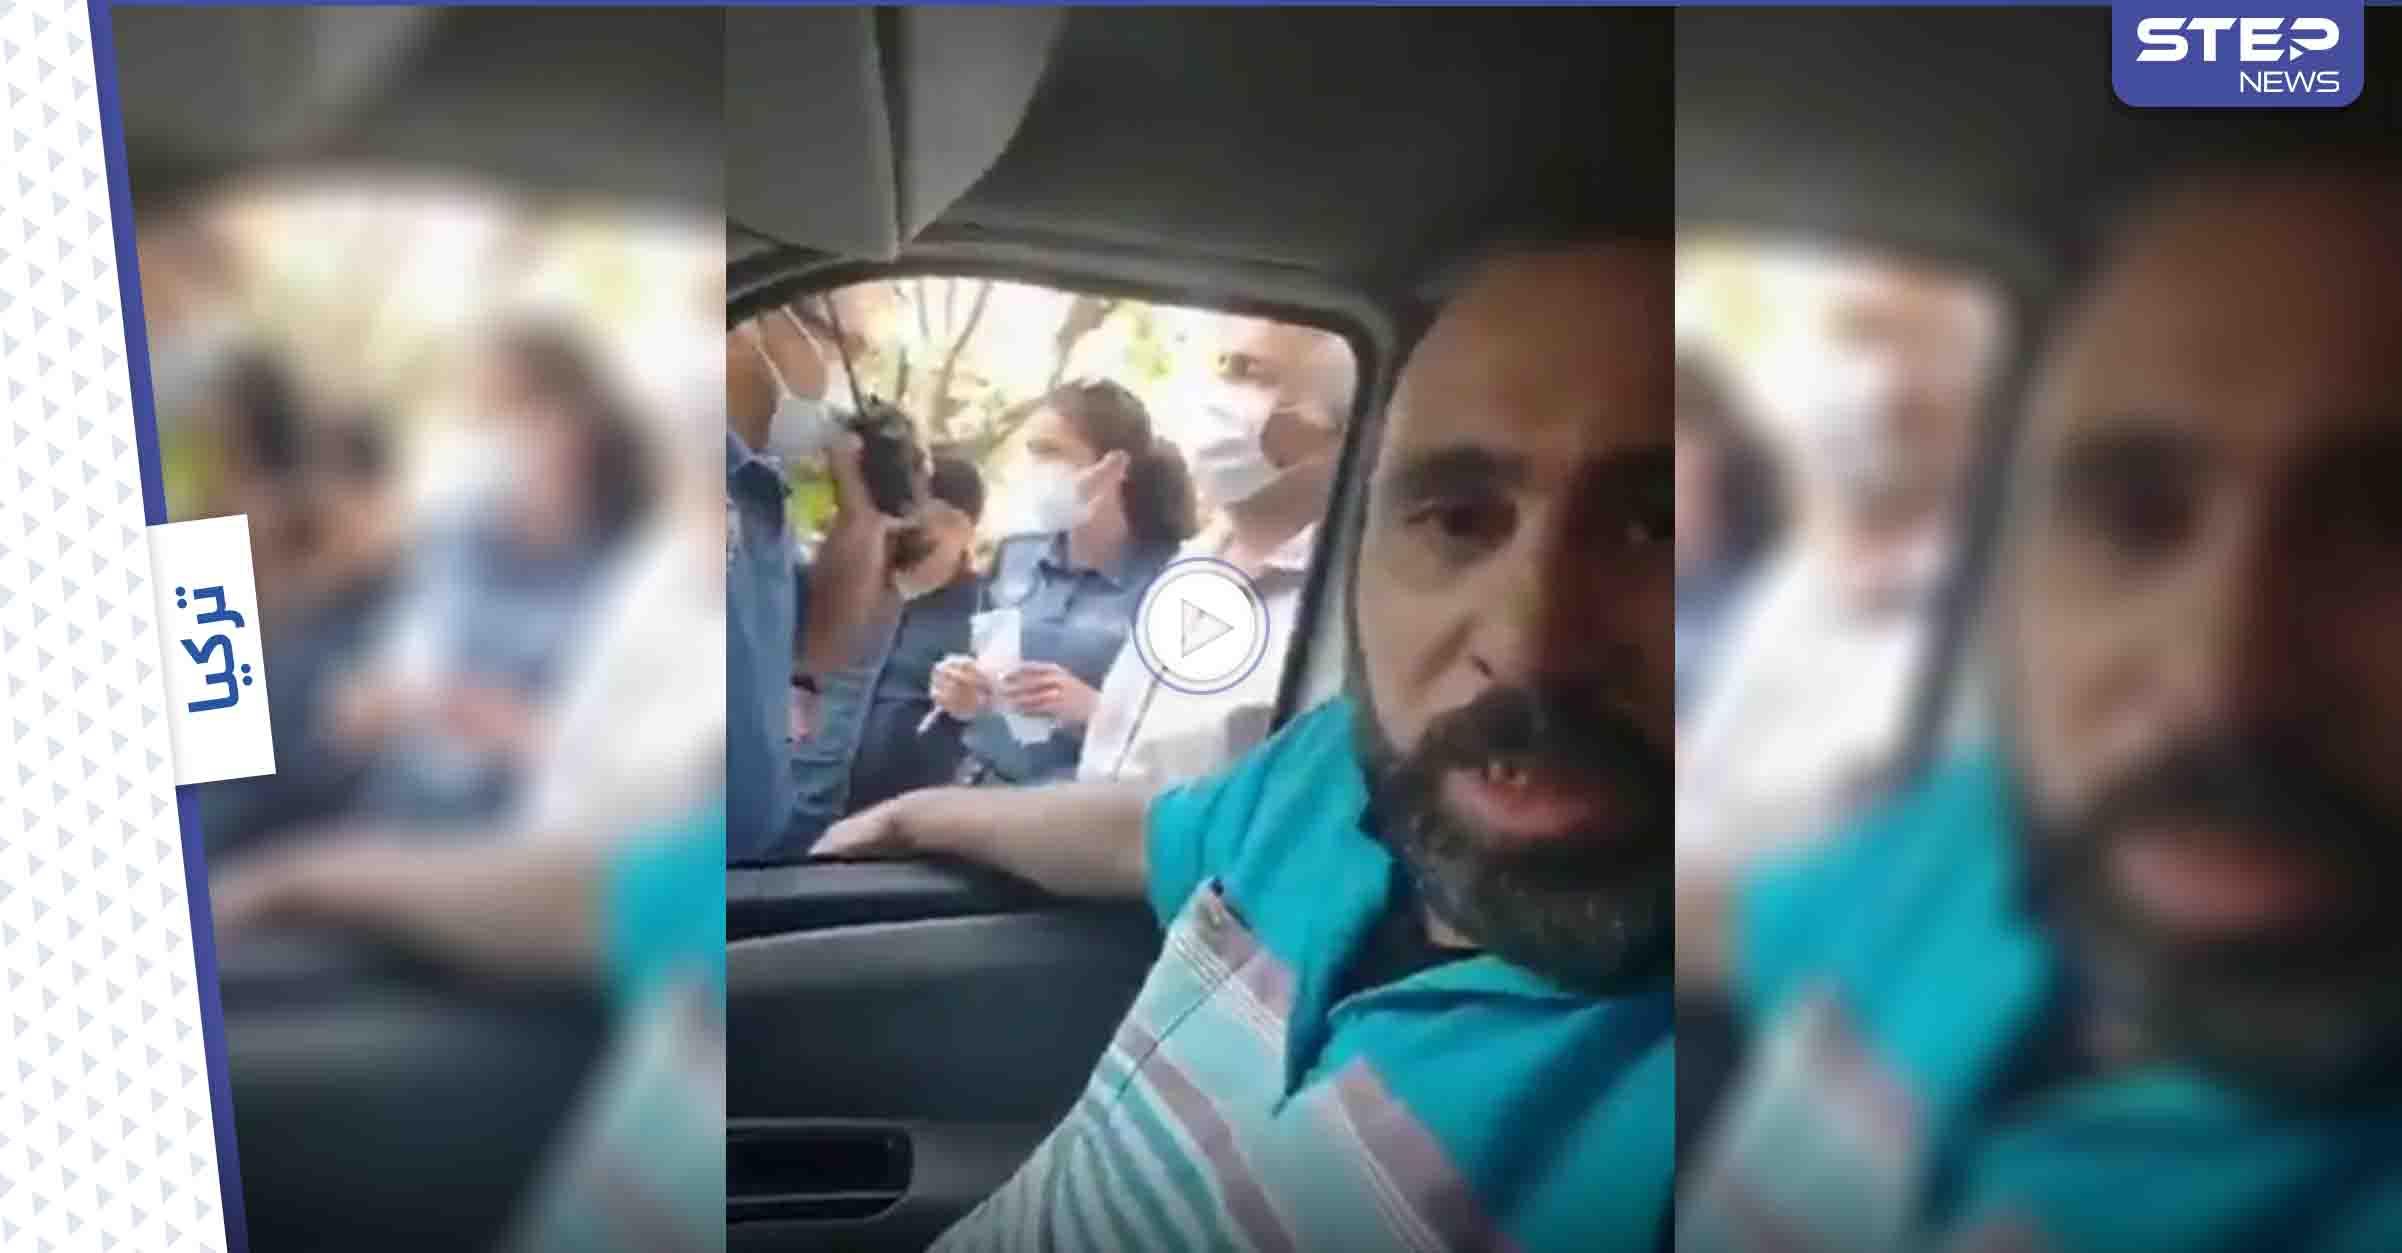 بالفيديو|| لاجئ سوري يوثق لحظة ضربه والاعتداء عليه من شرطي تركي أمام زوجته وابنته